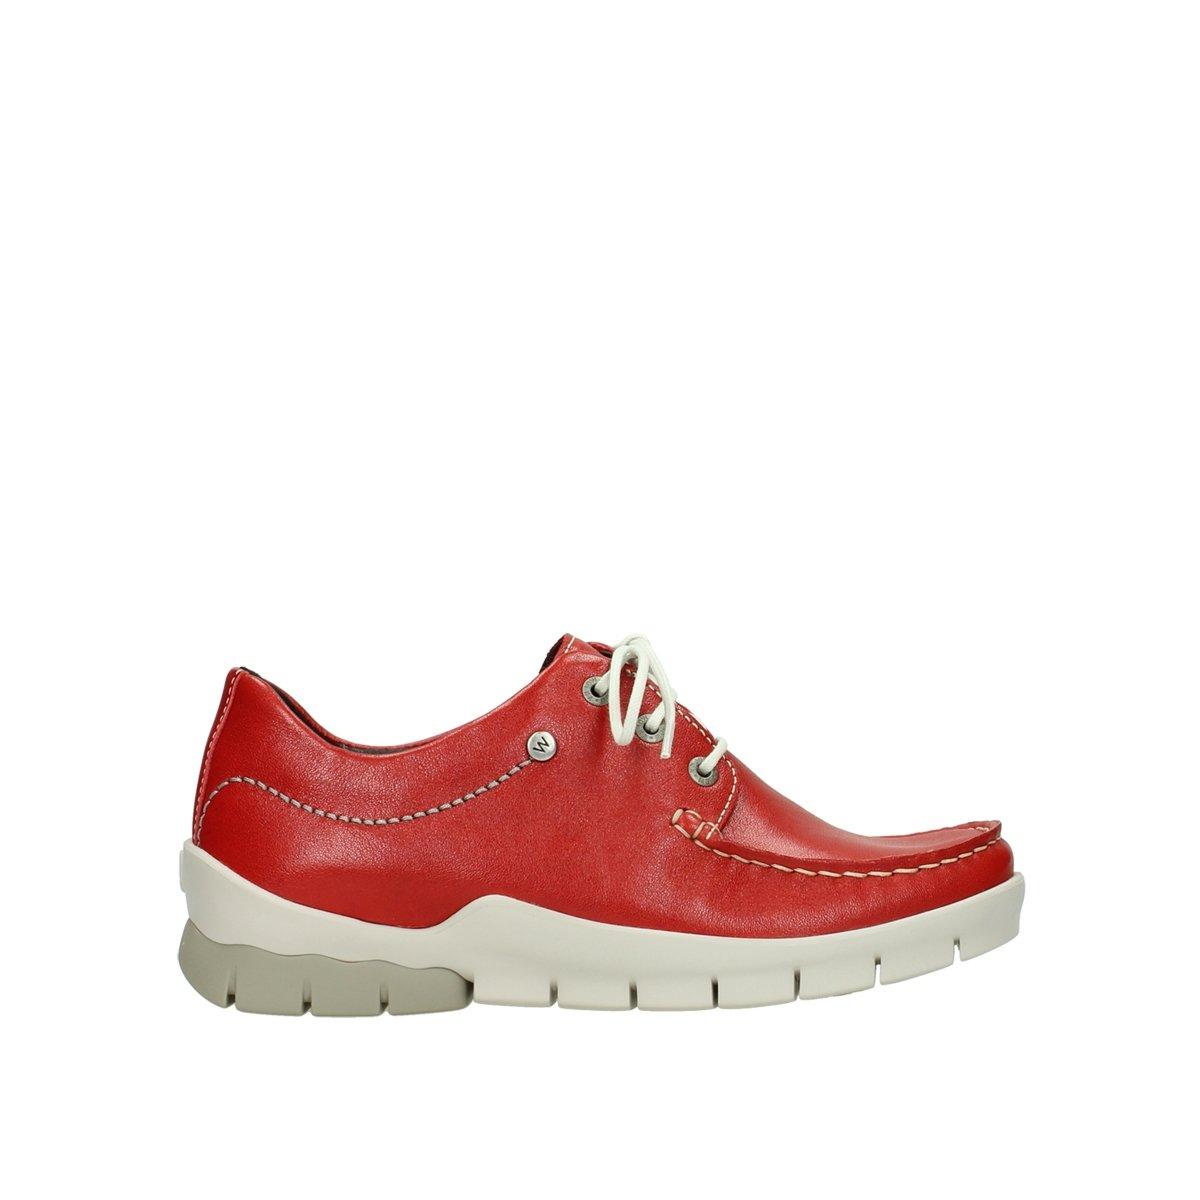 Wolky 1750-70570 - Zapatos de Cordones Para Mujer 36 EU|Rojo